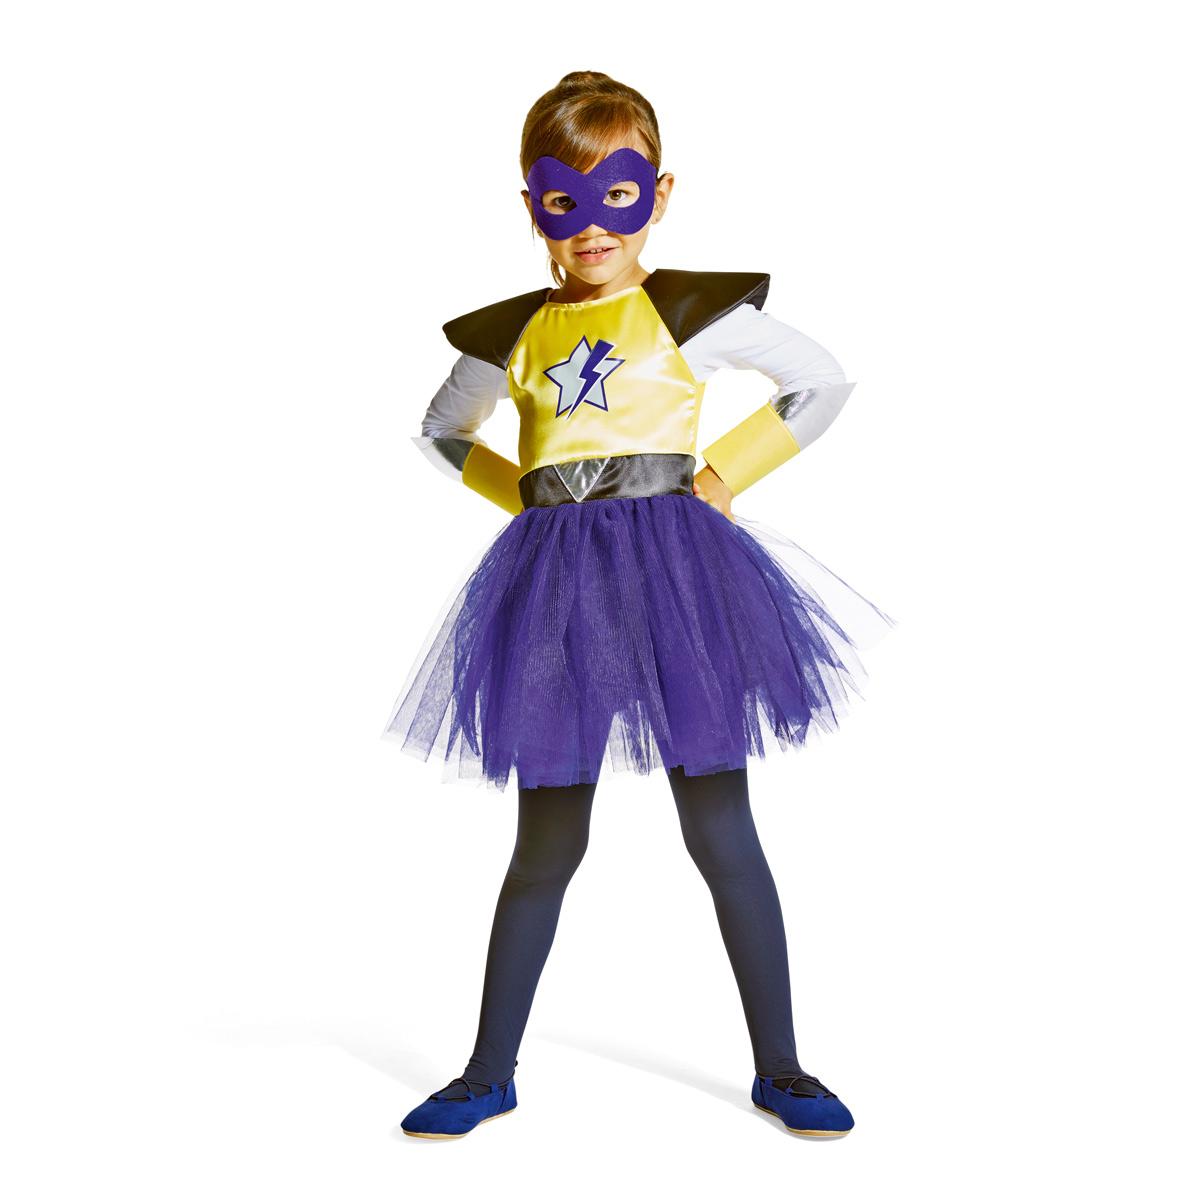 Dguisement Super Vilain Fille 3 5 Ans Imagibul Cration tout Jeux Gratuits Pour Enfants De 5 Ans